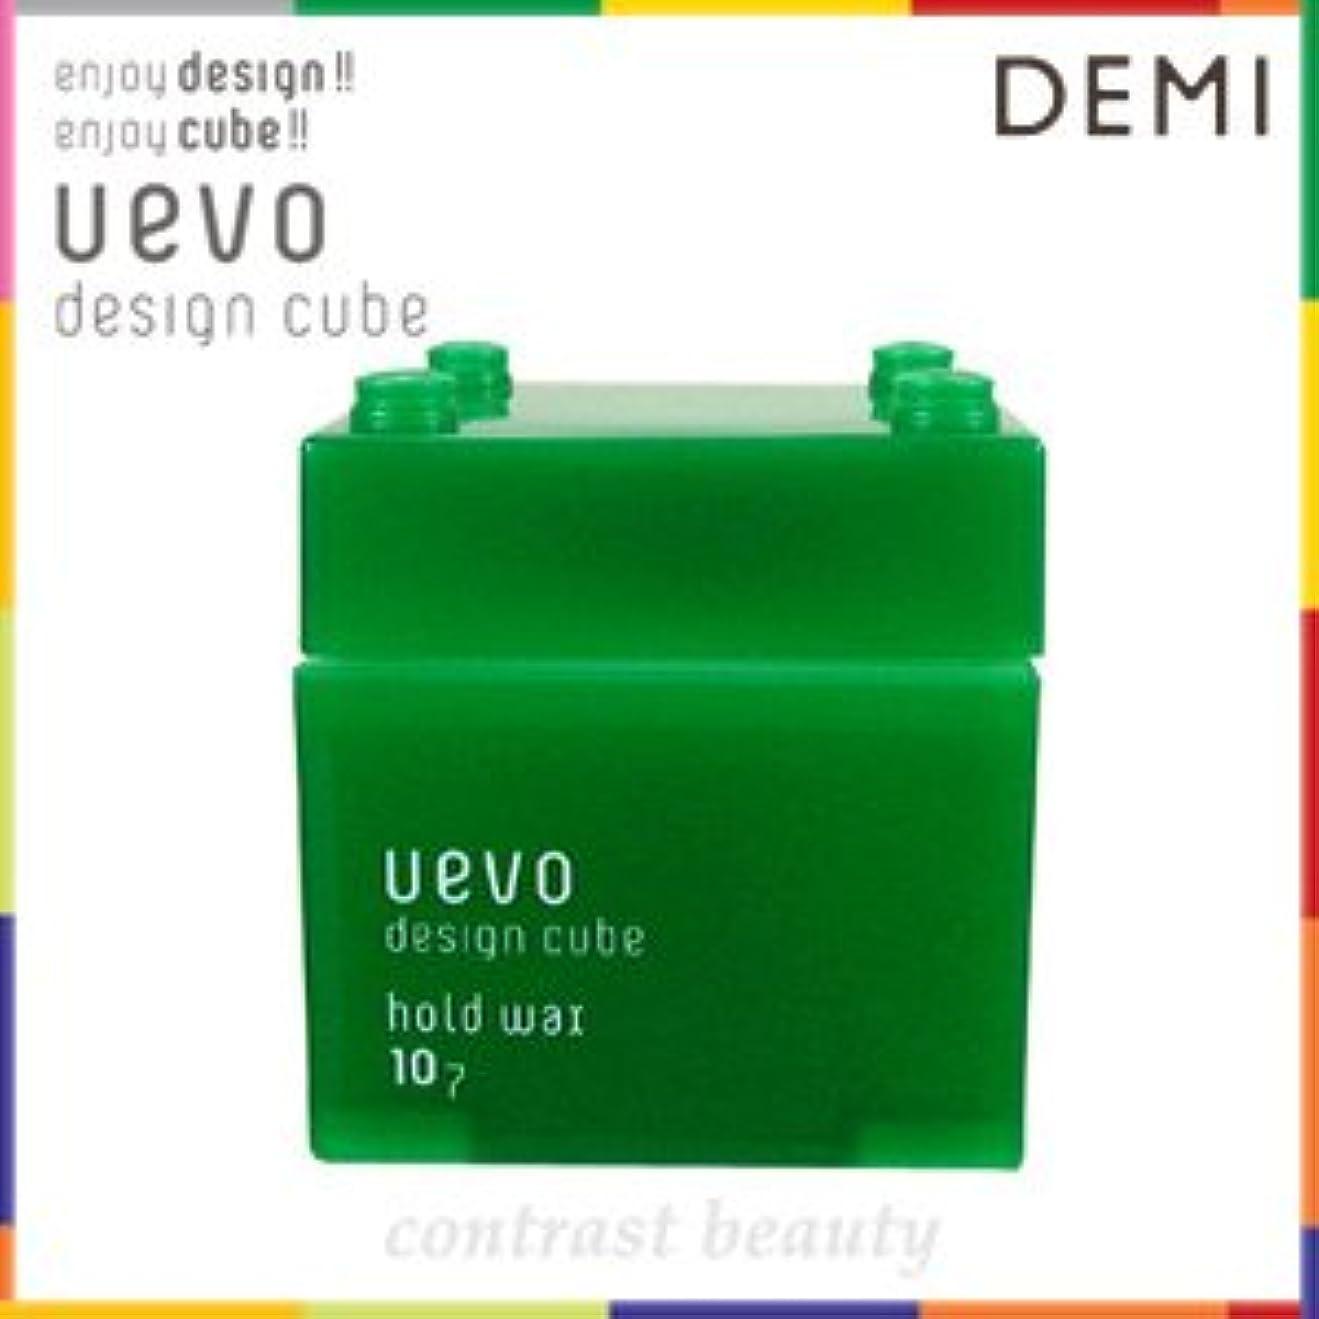 堤防アーサーコナンドイル直立【X3個セット】 デミ ウェーボ デザインキューブ ホールドワックス 80g hold wax DEMI uevo design cube